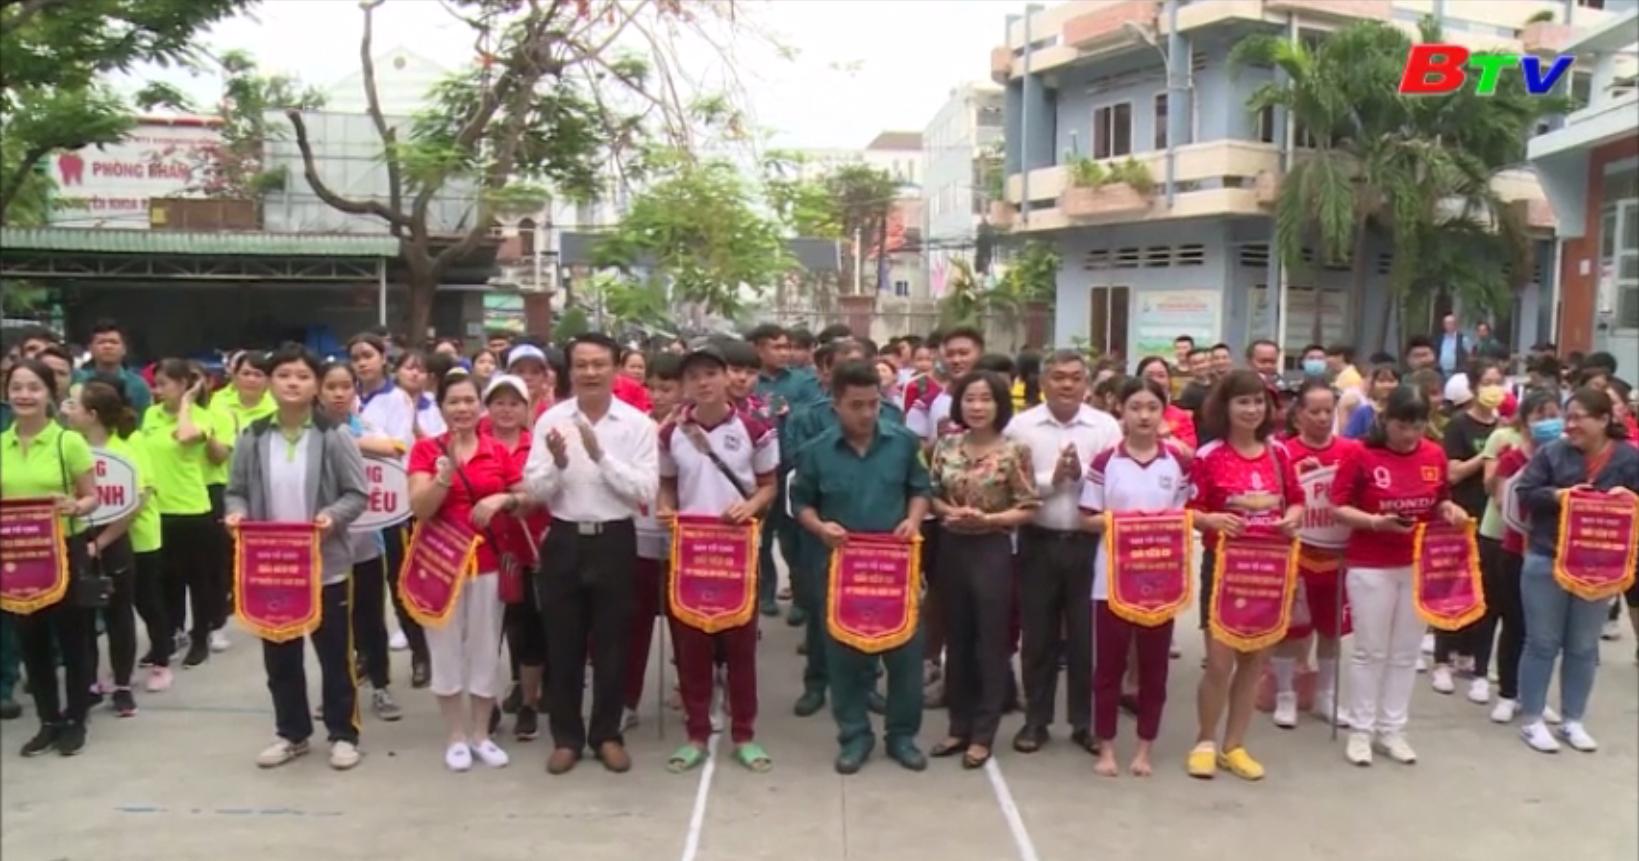 Phong trào tập luyện bóng chuyền hơi phát triển rộng tại TP. Thuận An